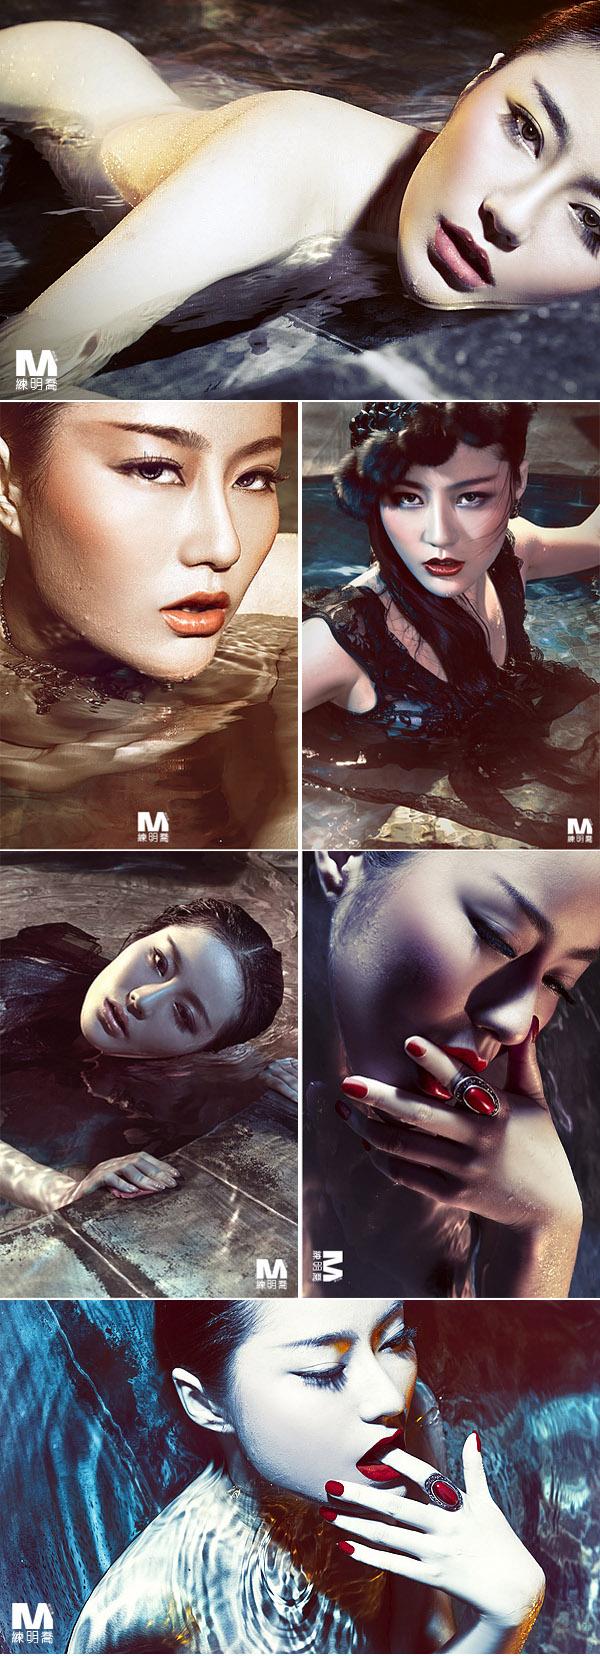 Mar 15, 2011 M Commercial portrait